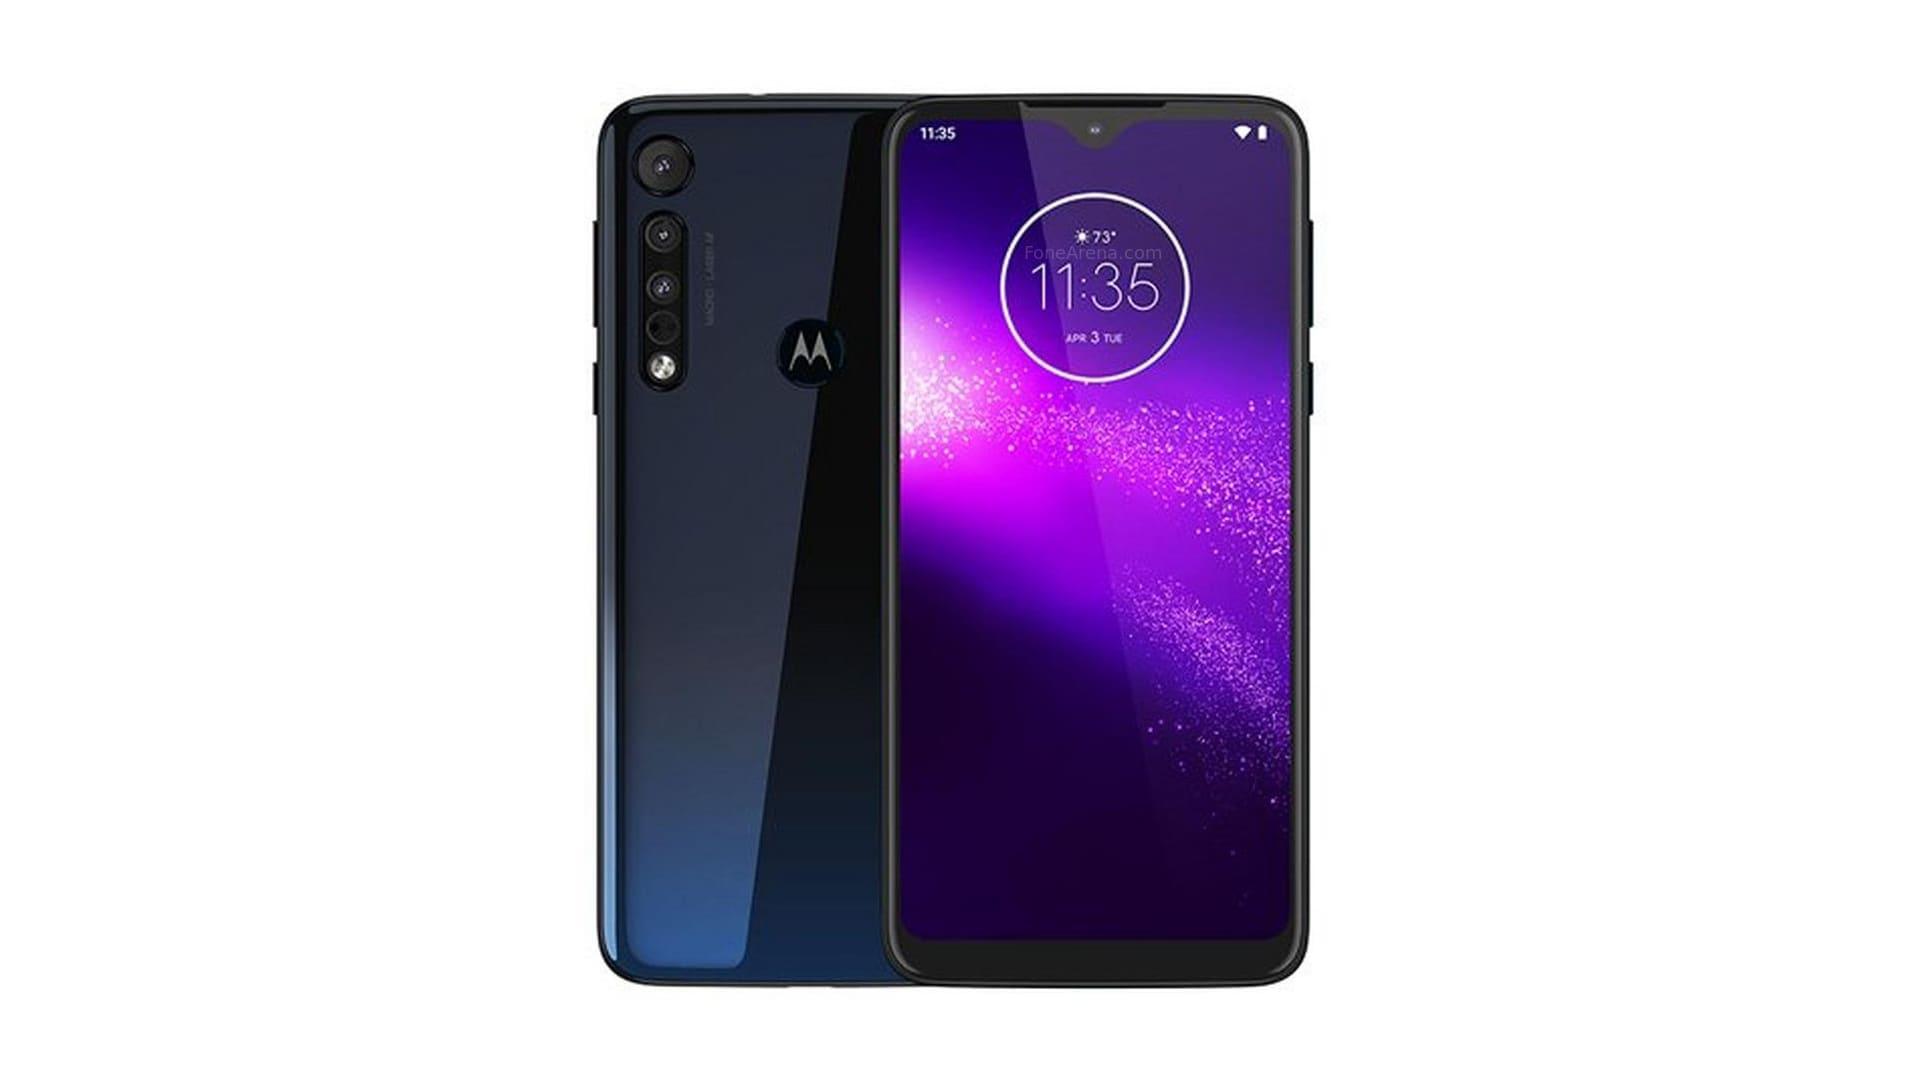 Motorola One Macro ufficiale: le foto migliori si scattano da vicino (aggiornato: prezzo e disponibilità in Italia)